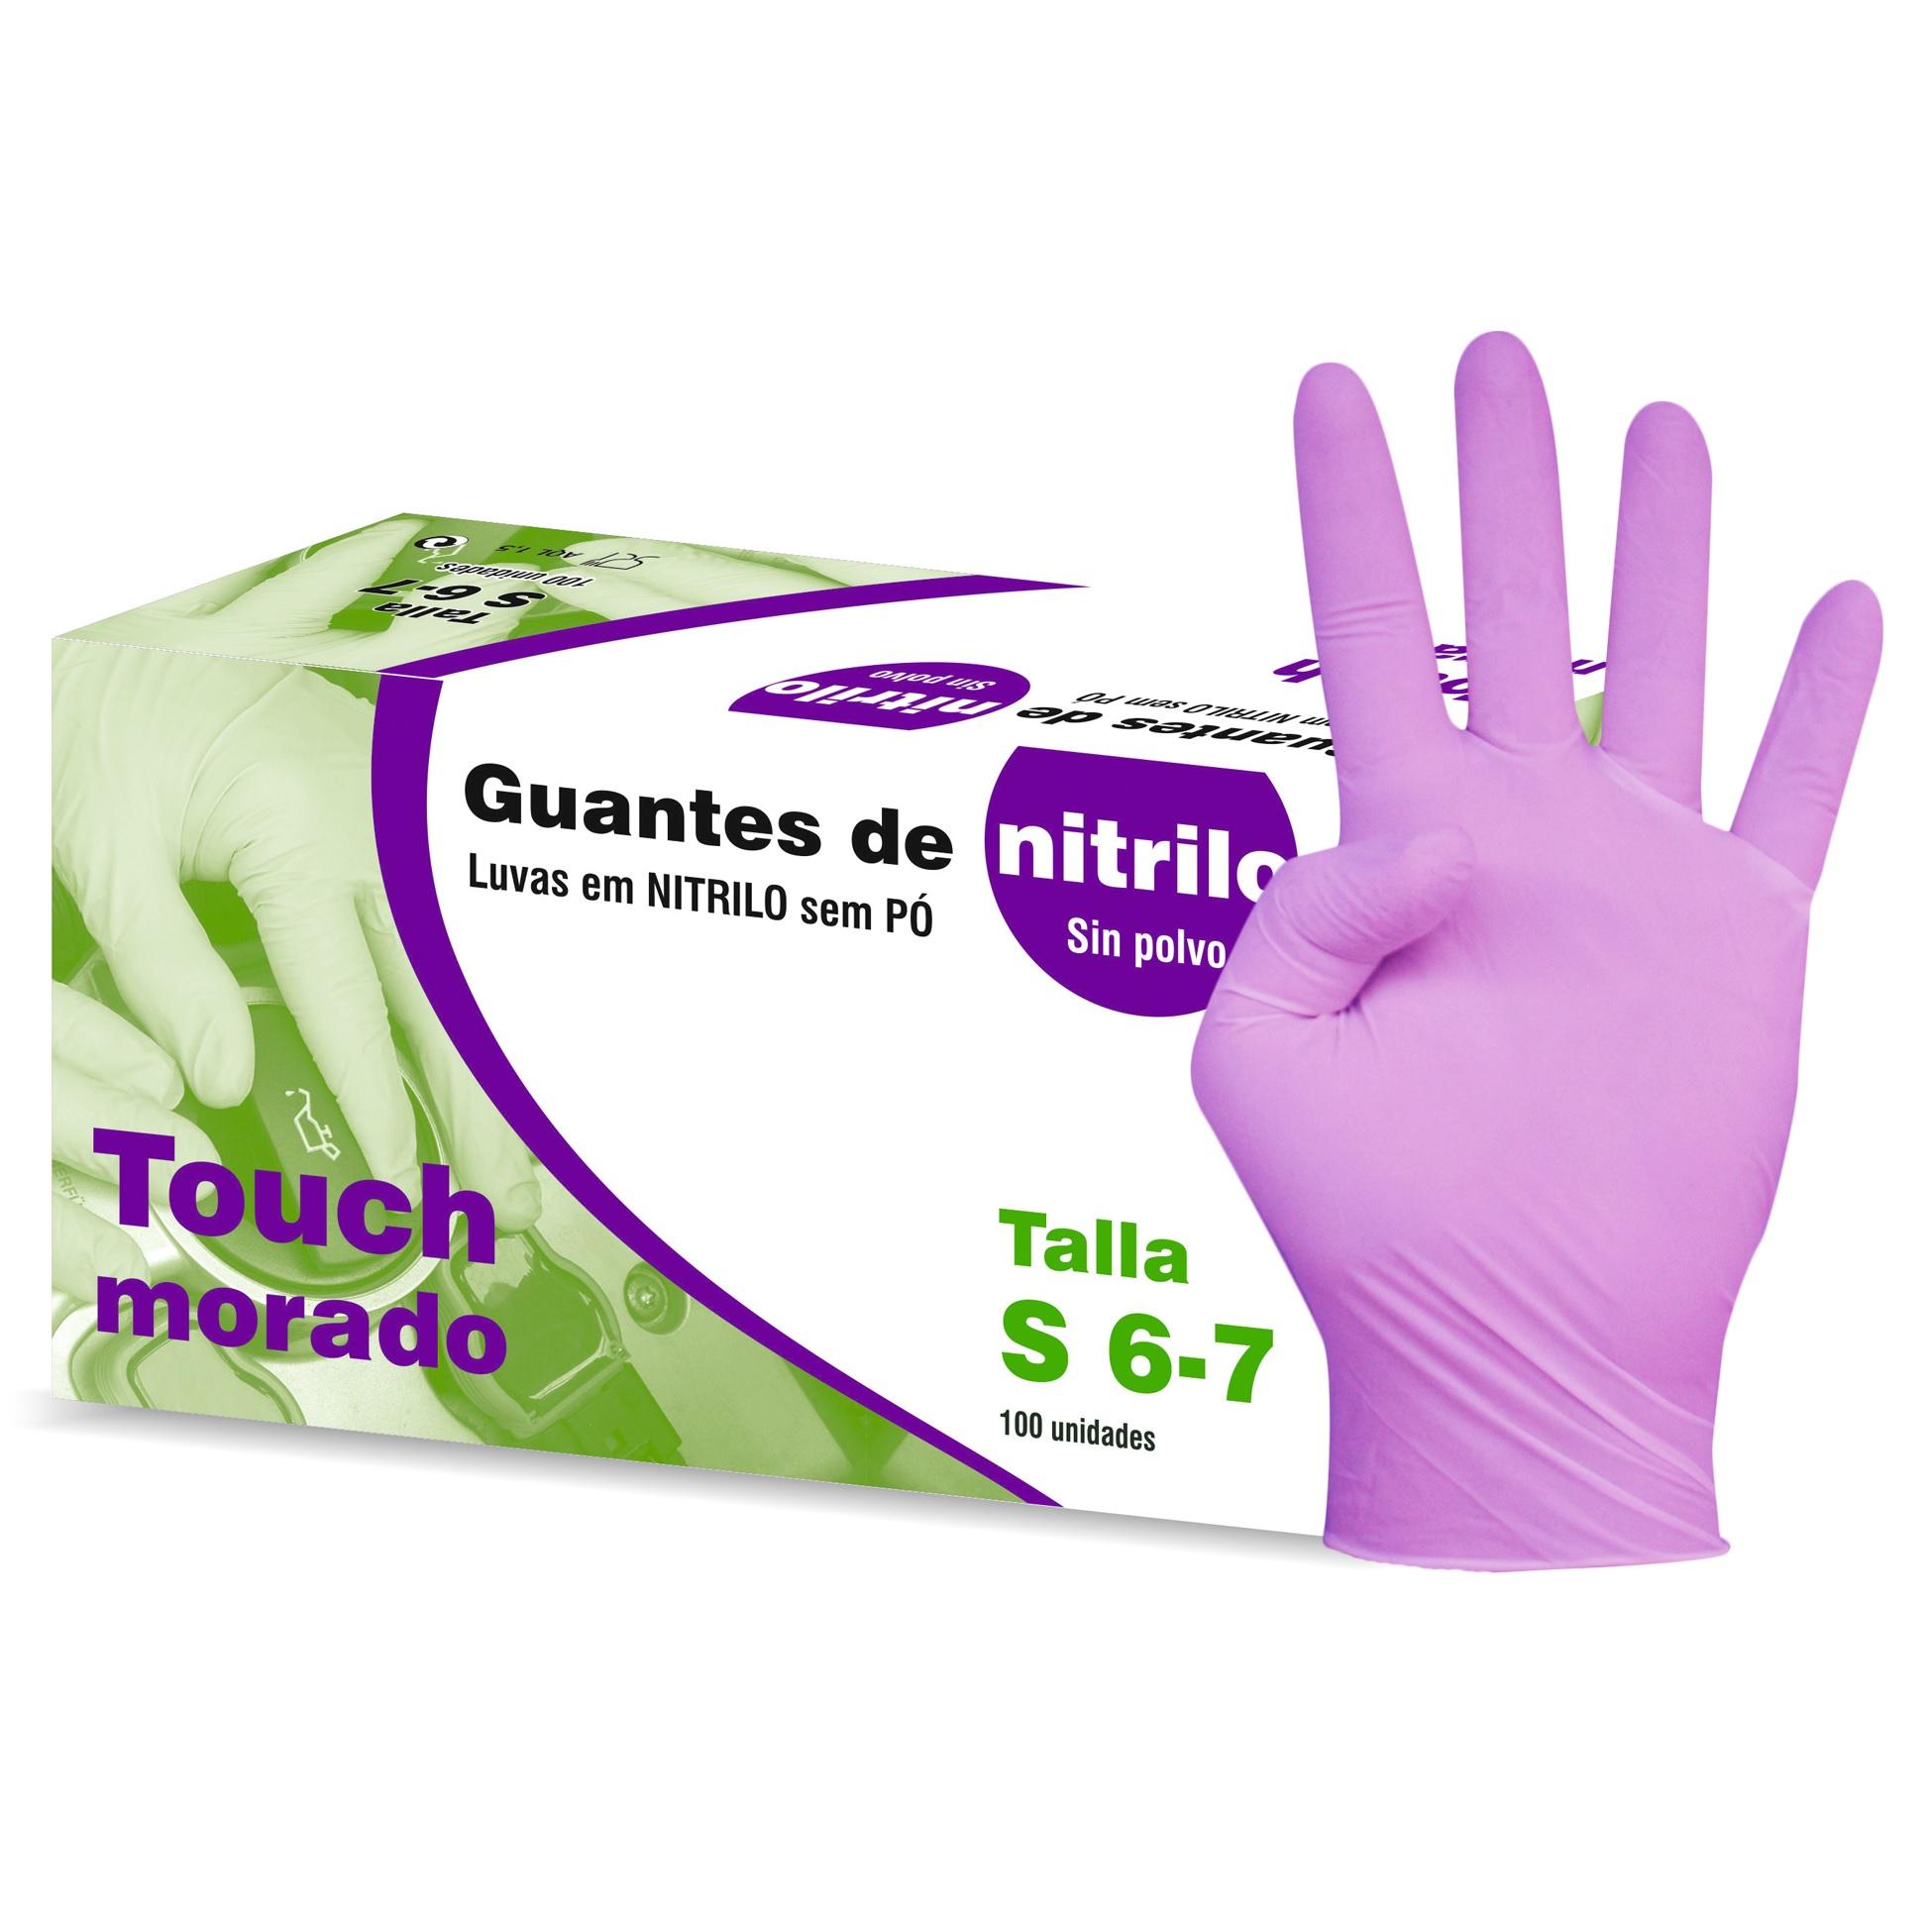 Guantes desechables de nitrilo sin polvo pack 1 x 100  Talla M